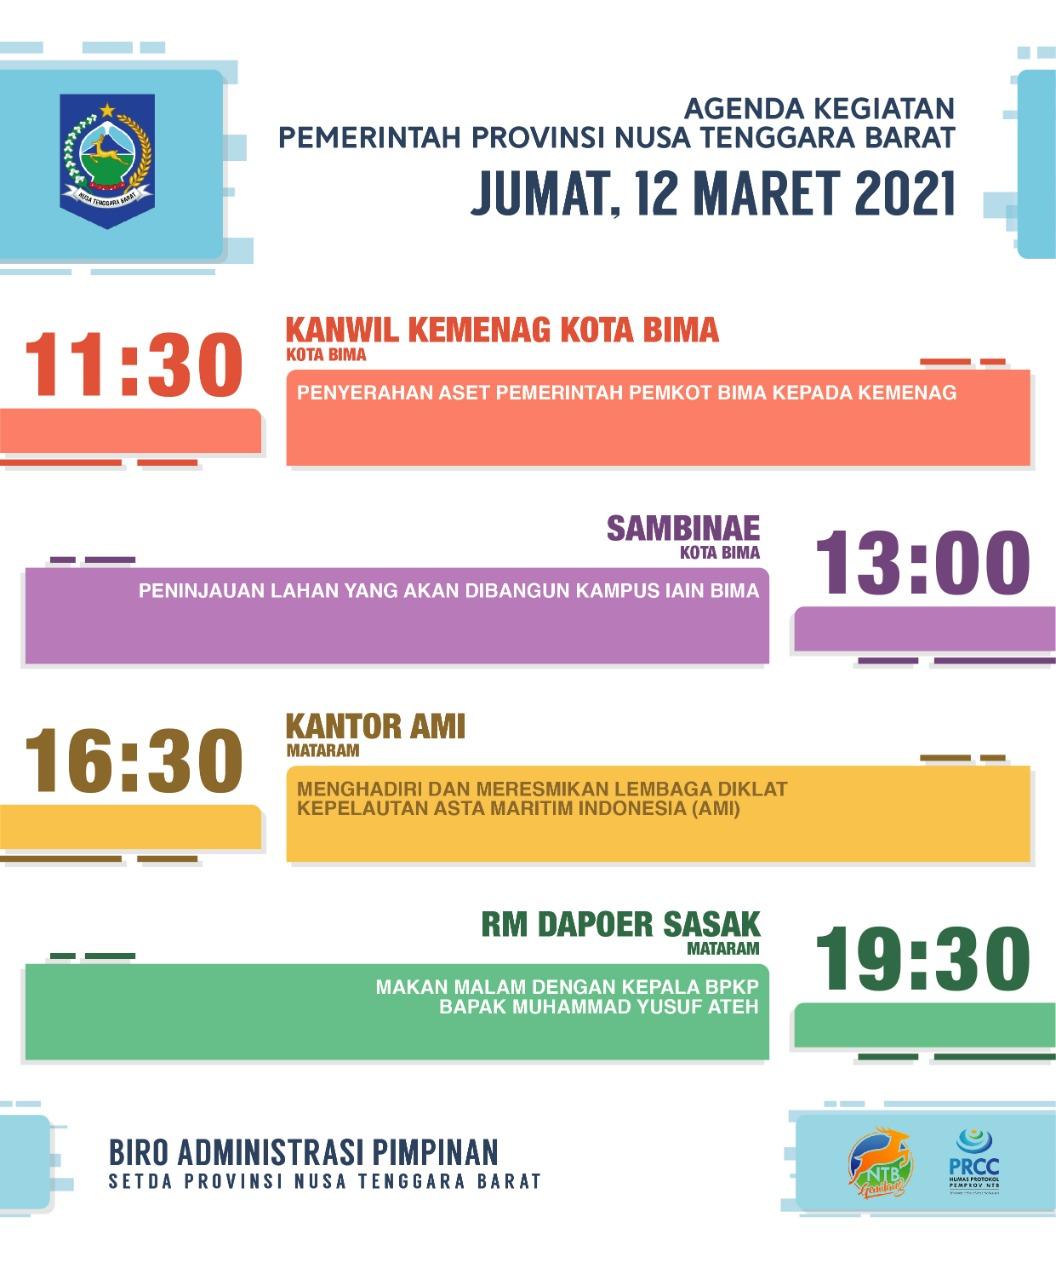 AGENDA KEGIATAN PEMERINTAH PROVINSI NTB, Senin 15 Maret 2021